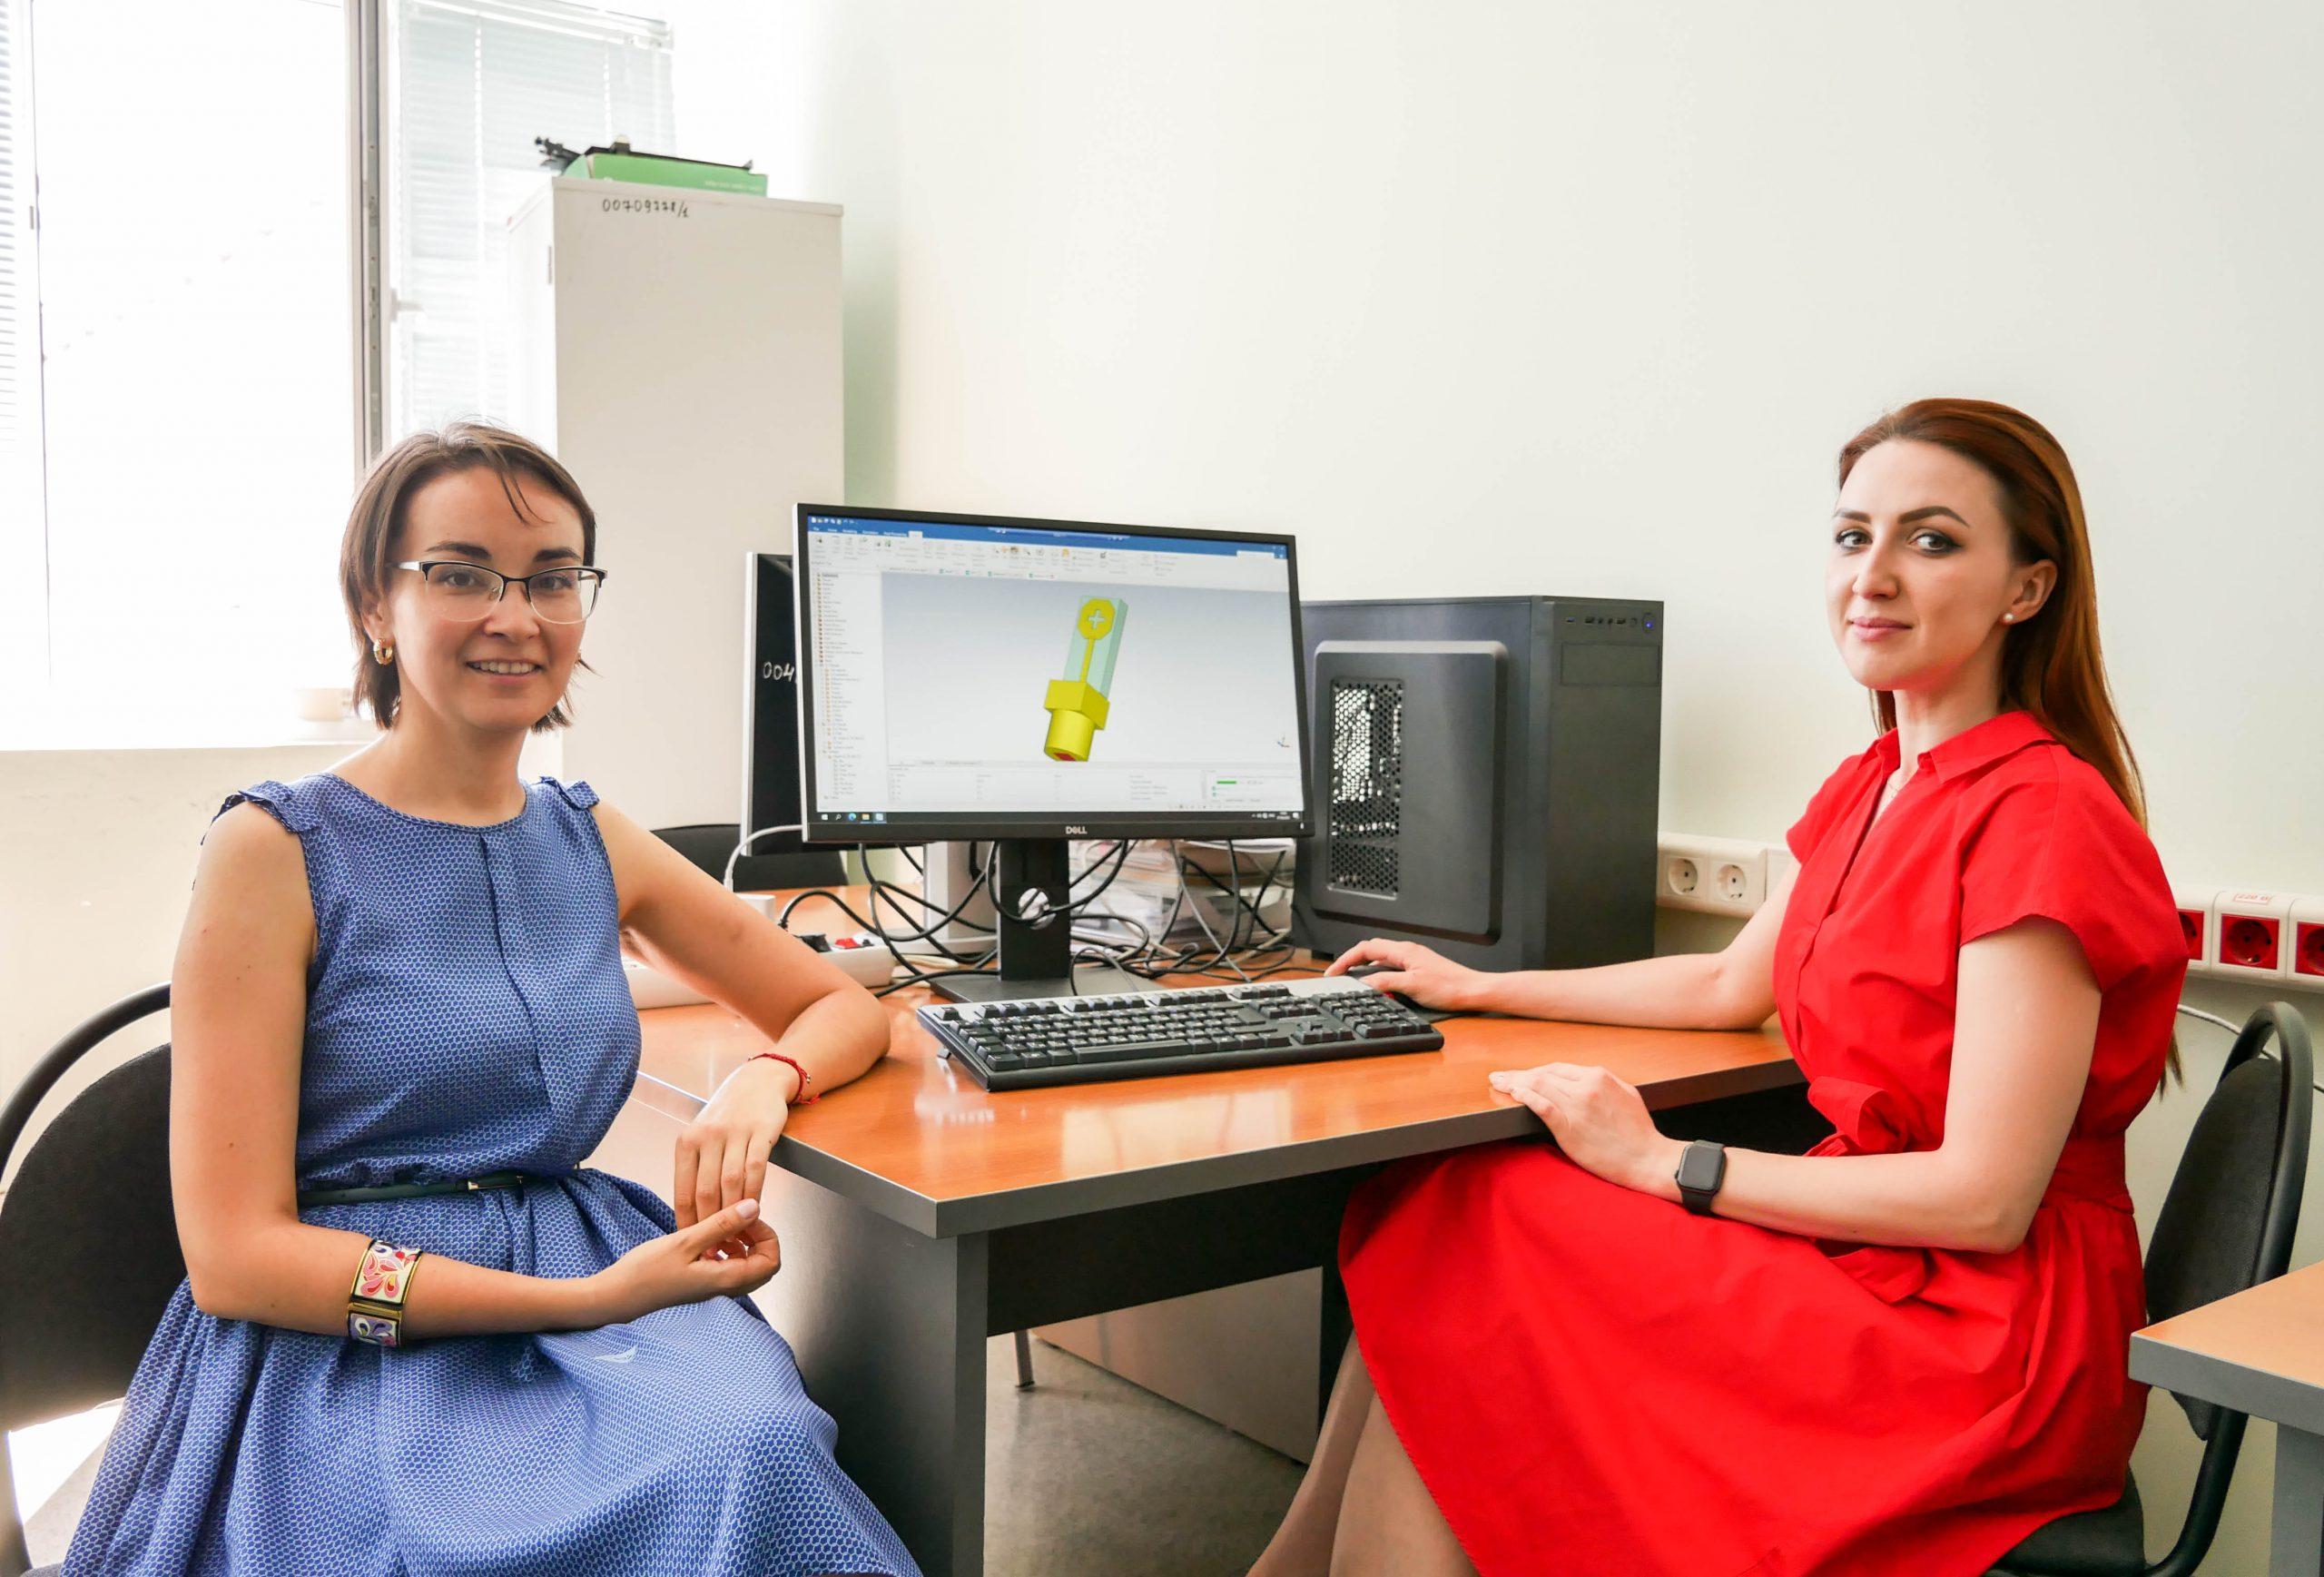 Уфимские ученые разработали антенну, которая сможет обеспечить бюджетную связь для сетей 5G и 6G